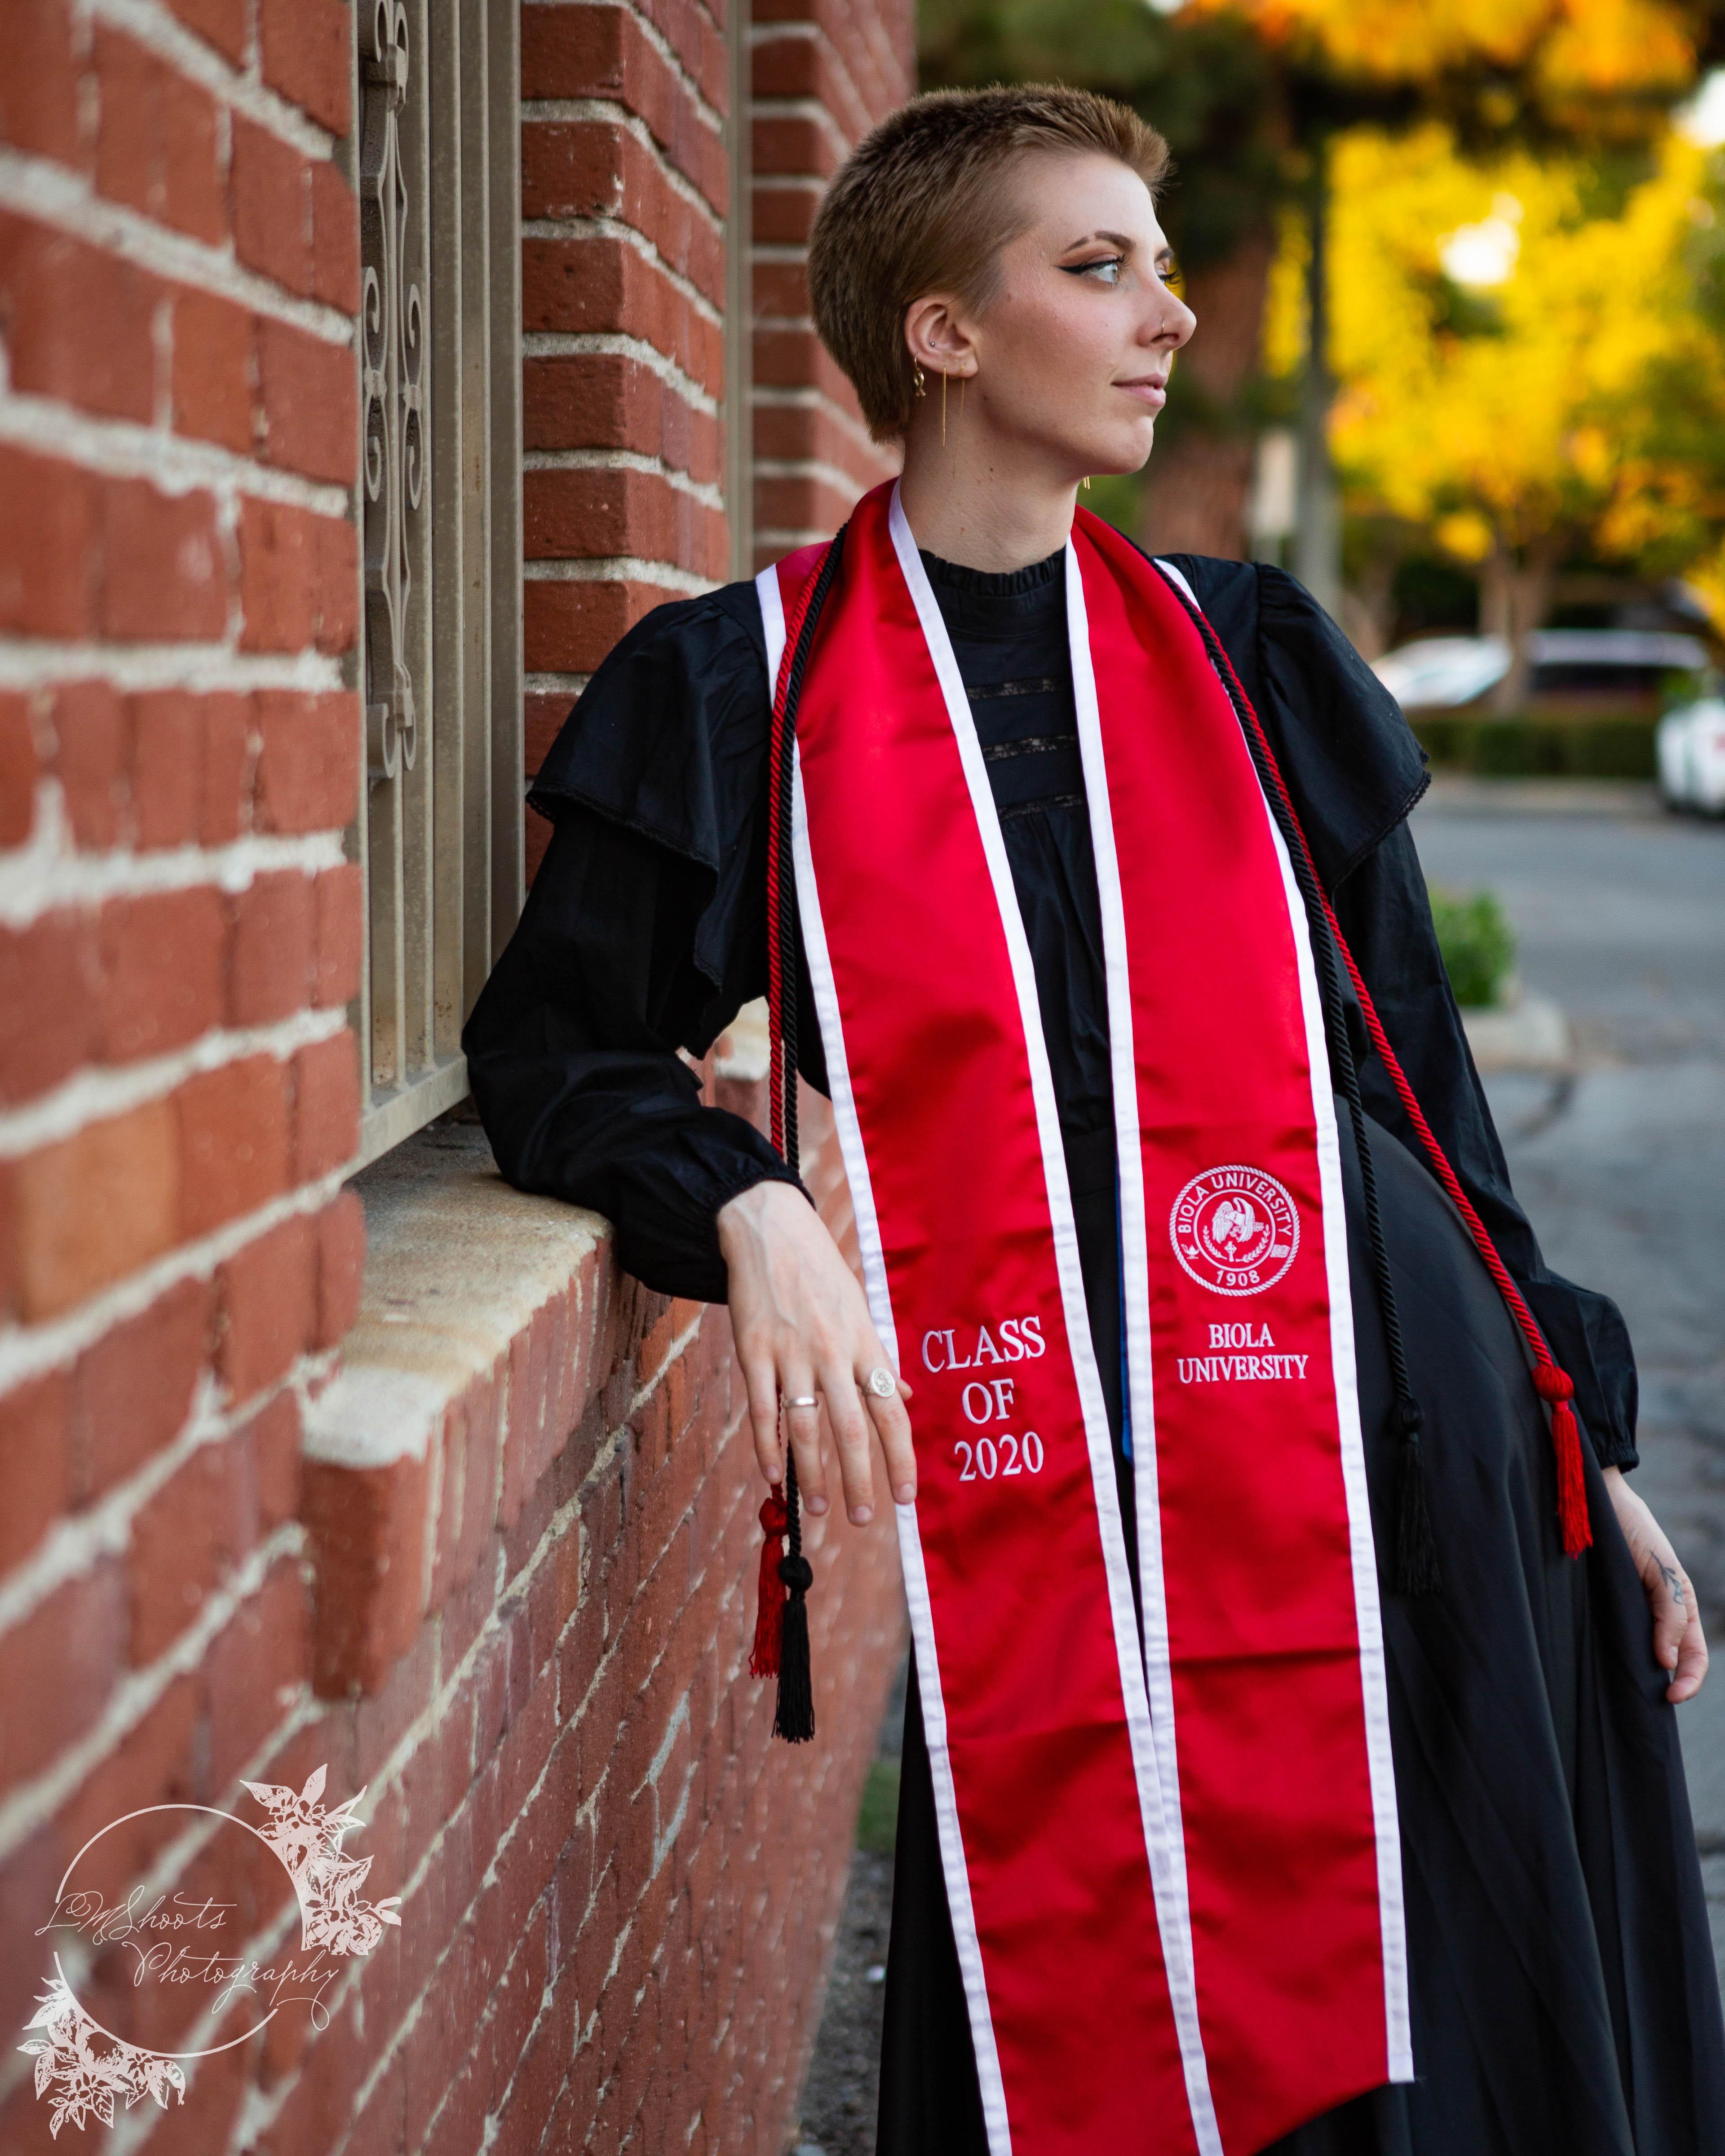 senior in red sash